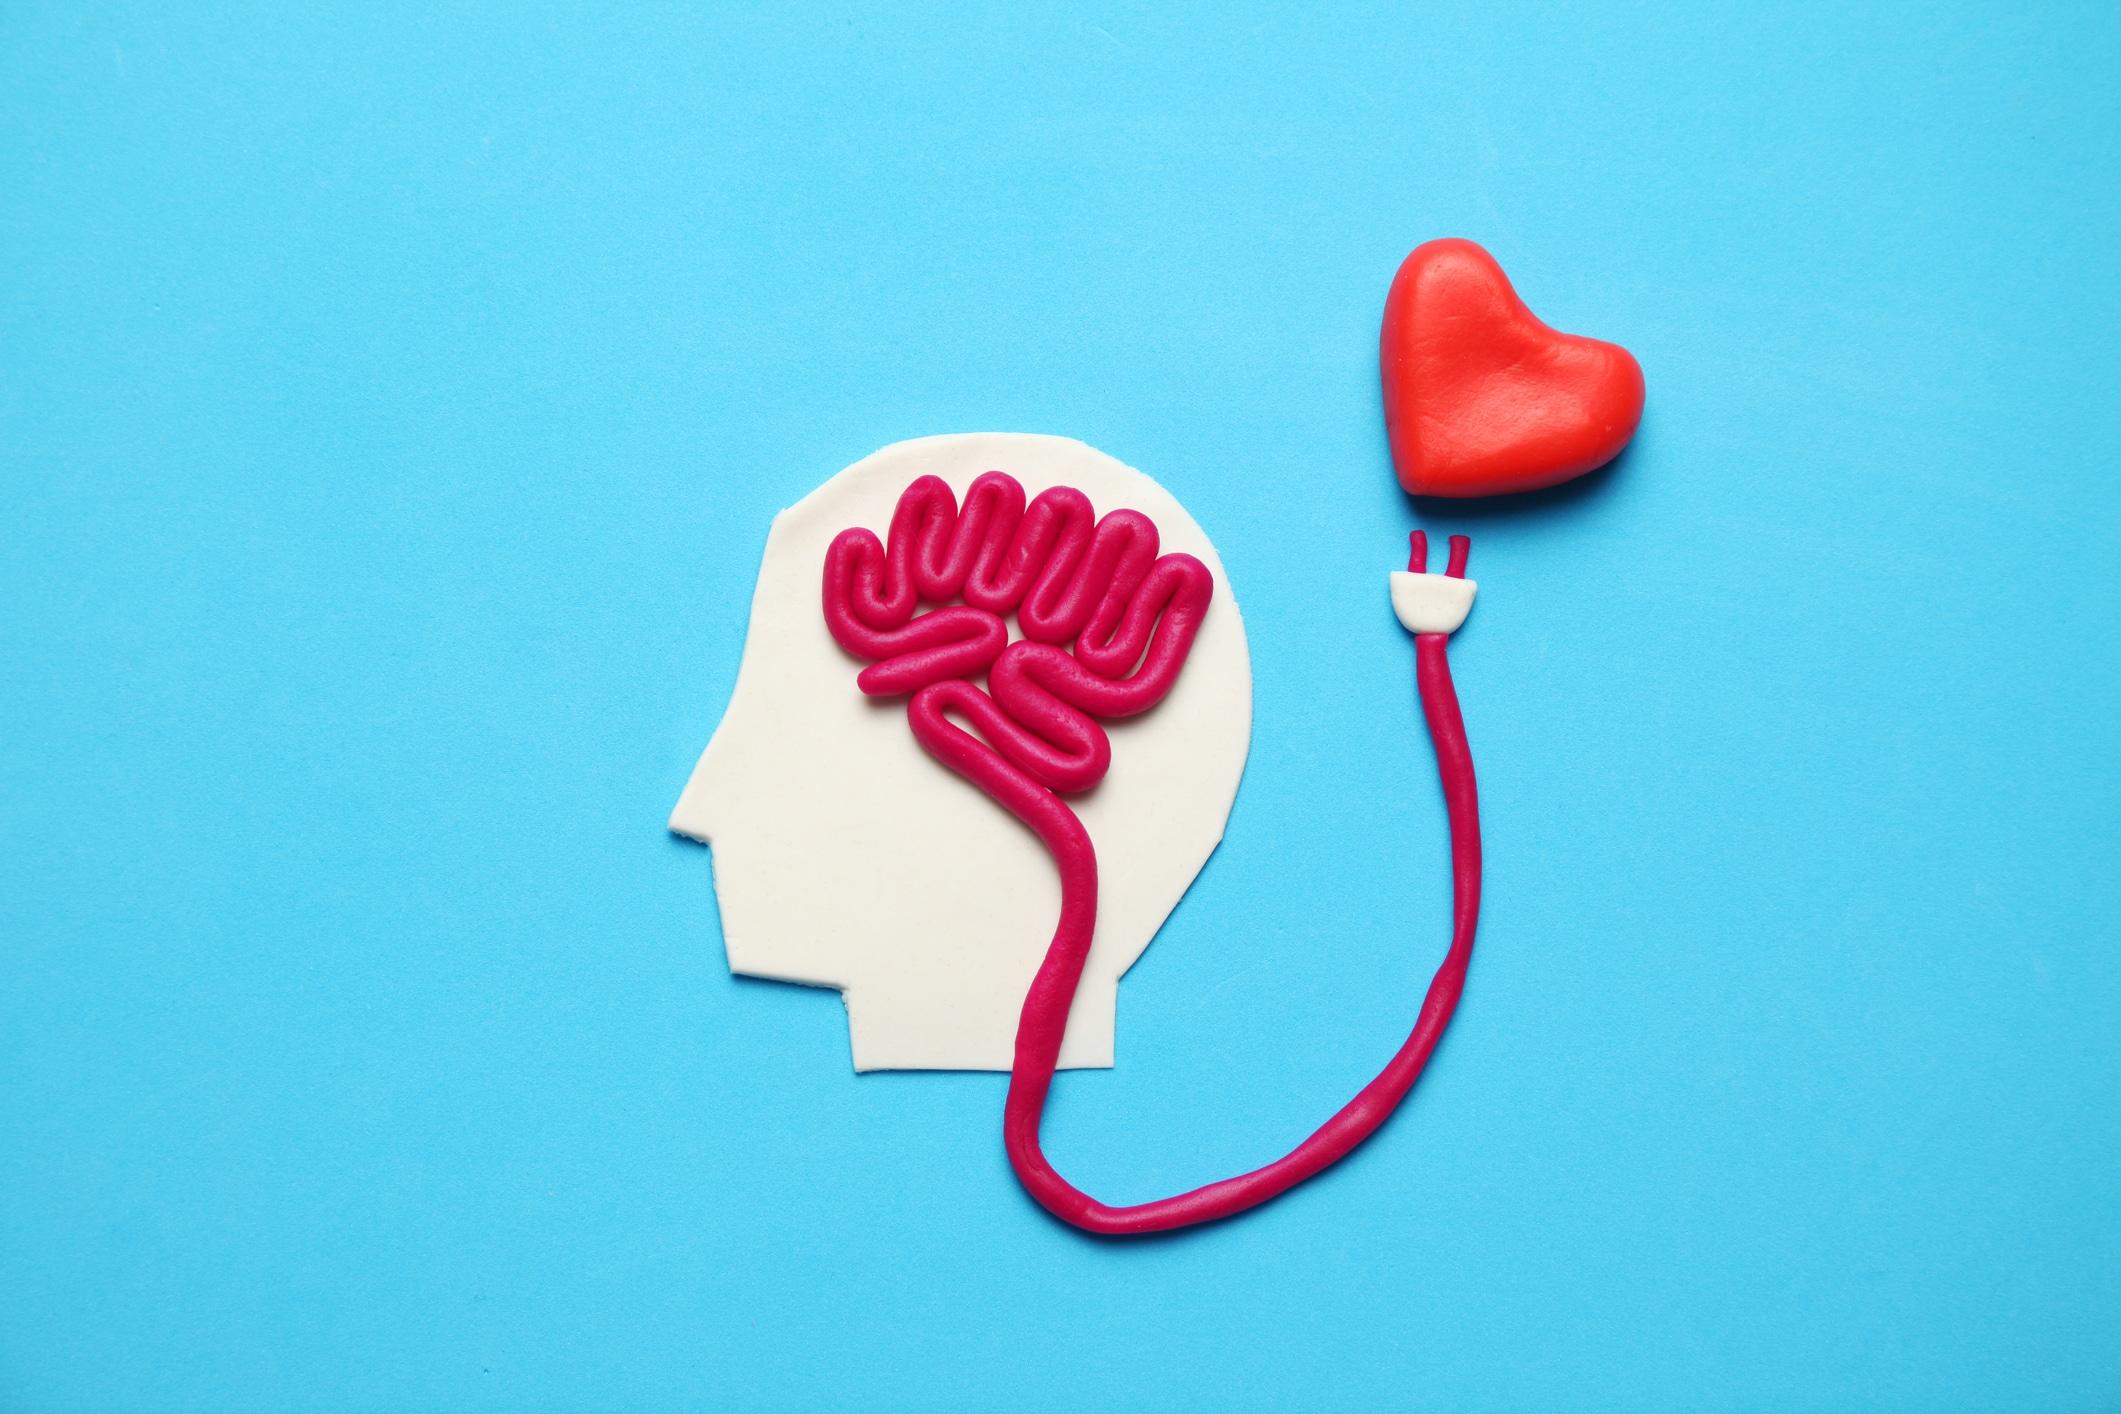 Cérebro e coração de massinha são conectados por uma linha